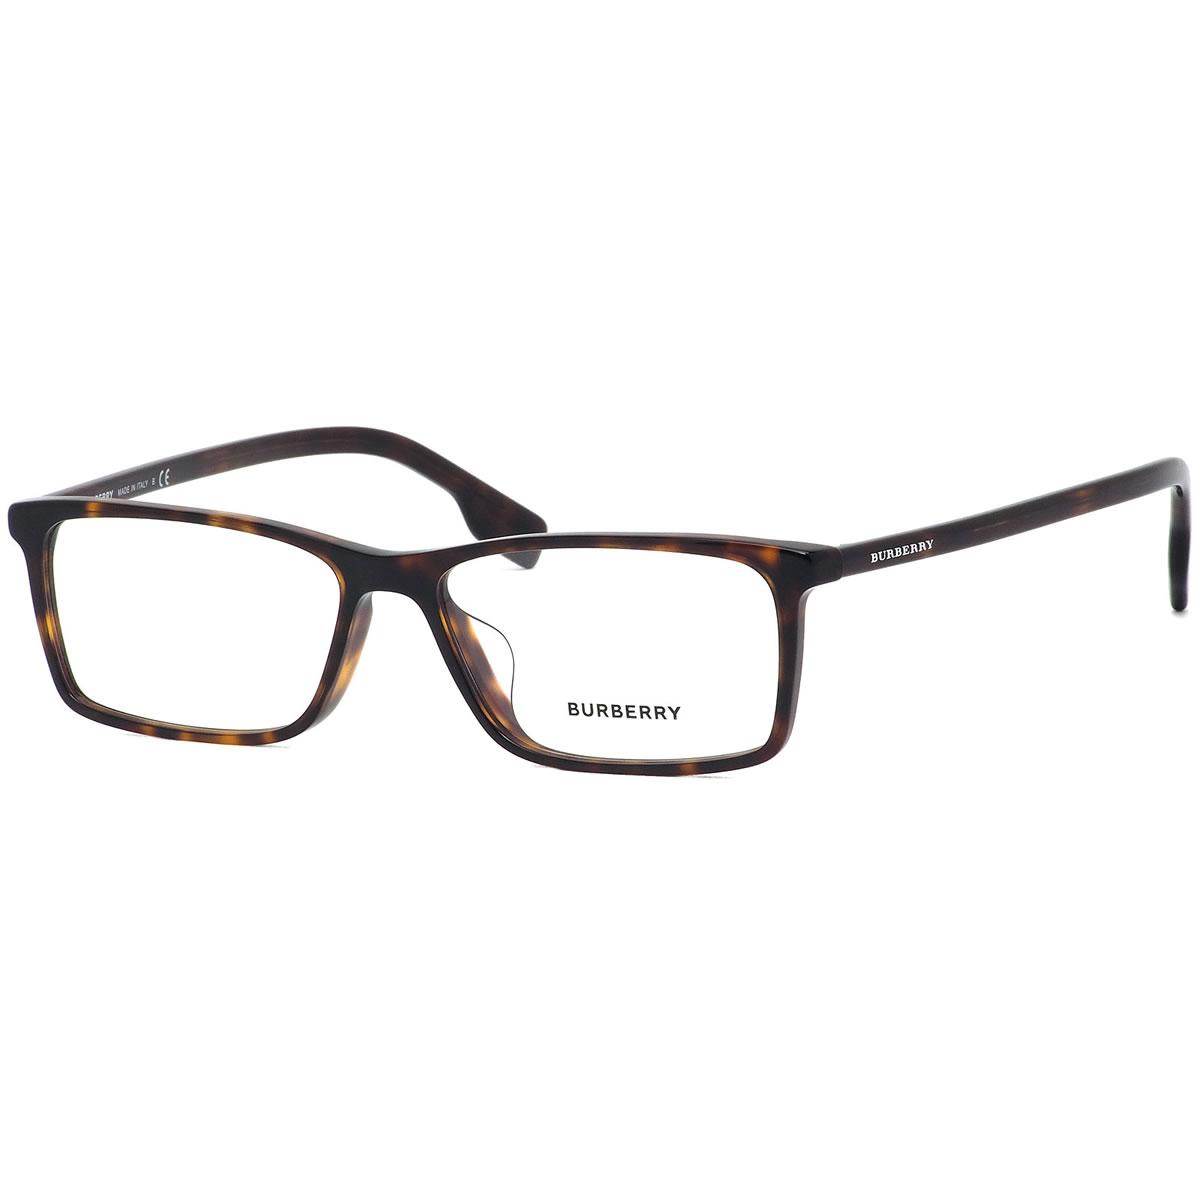 バーバリー BURBERRY メガネ BE2286D 3002 55サイズ スクエア MADE IN ITALY ハバナ トータス デミ べっ甲 シャープ かっこいい ビジネス おしゃれ メンズ レディース